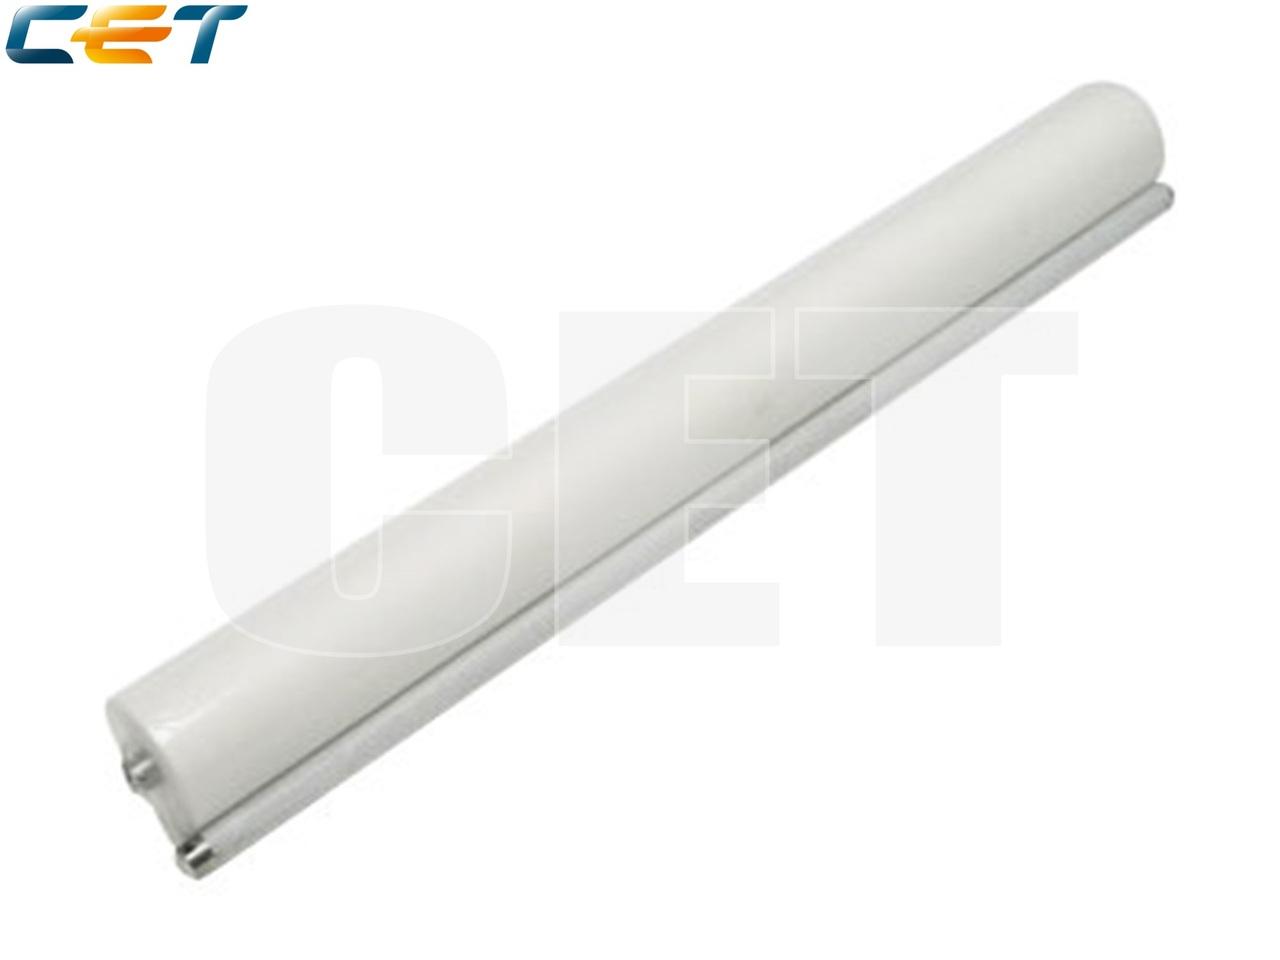 Чистящая лента фьюзера AE04-5046 для RICOH Aficio1060/1075 (CET), CET4170